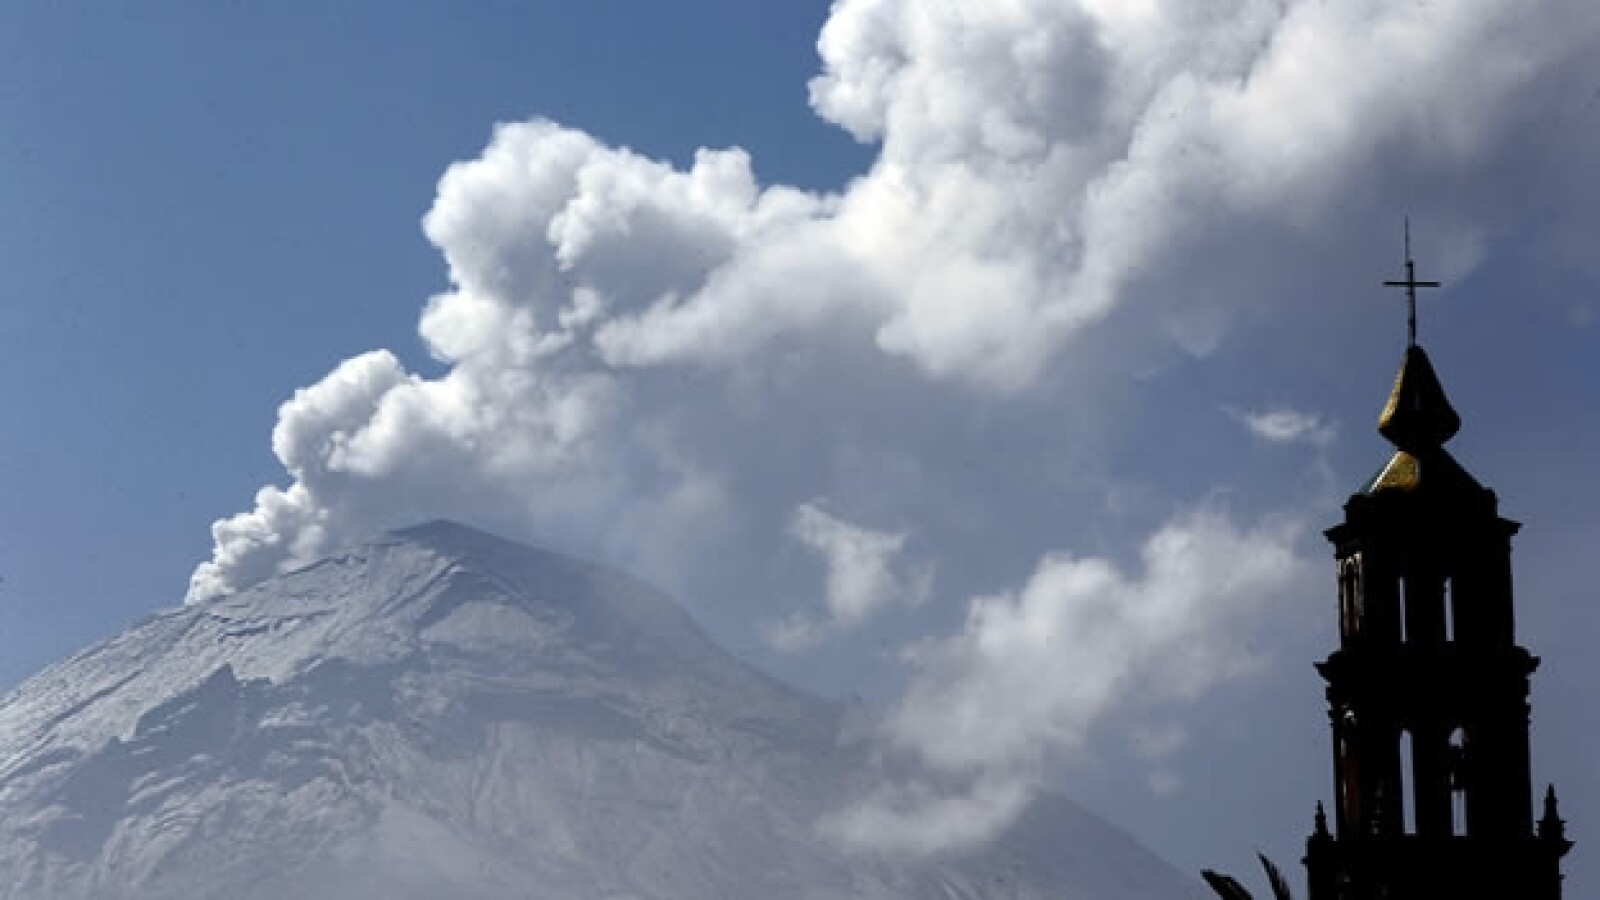 fumarola del volcan popocatepetl